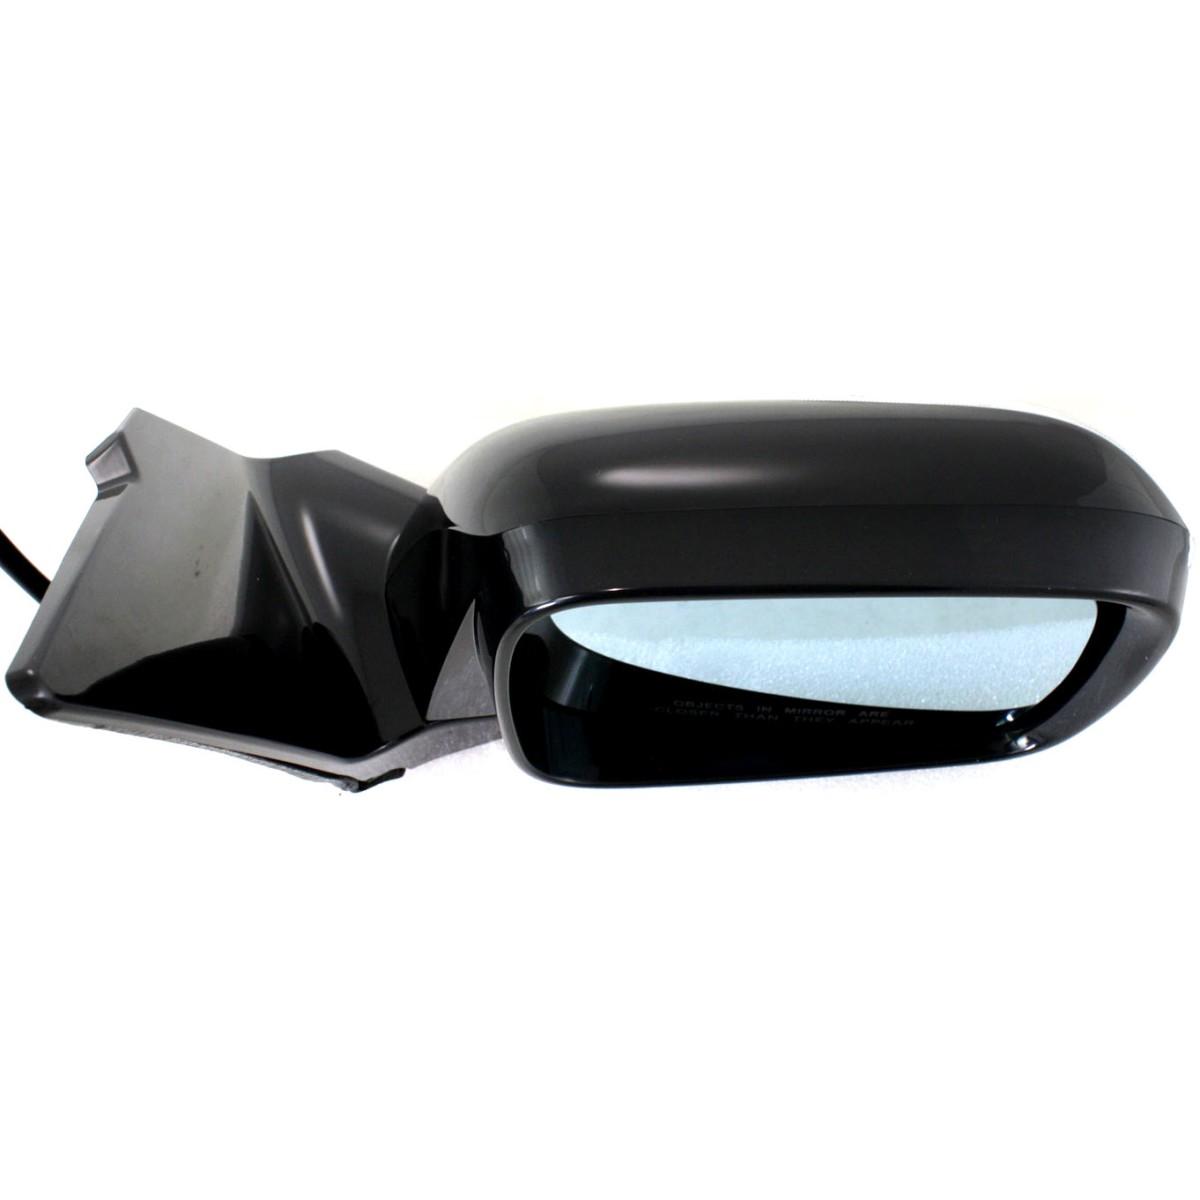 76200STXA12ZD AC1321114 Mirror Right Hand Side Heated